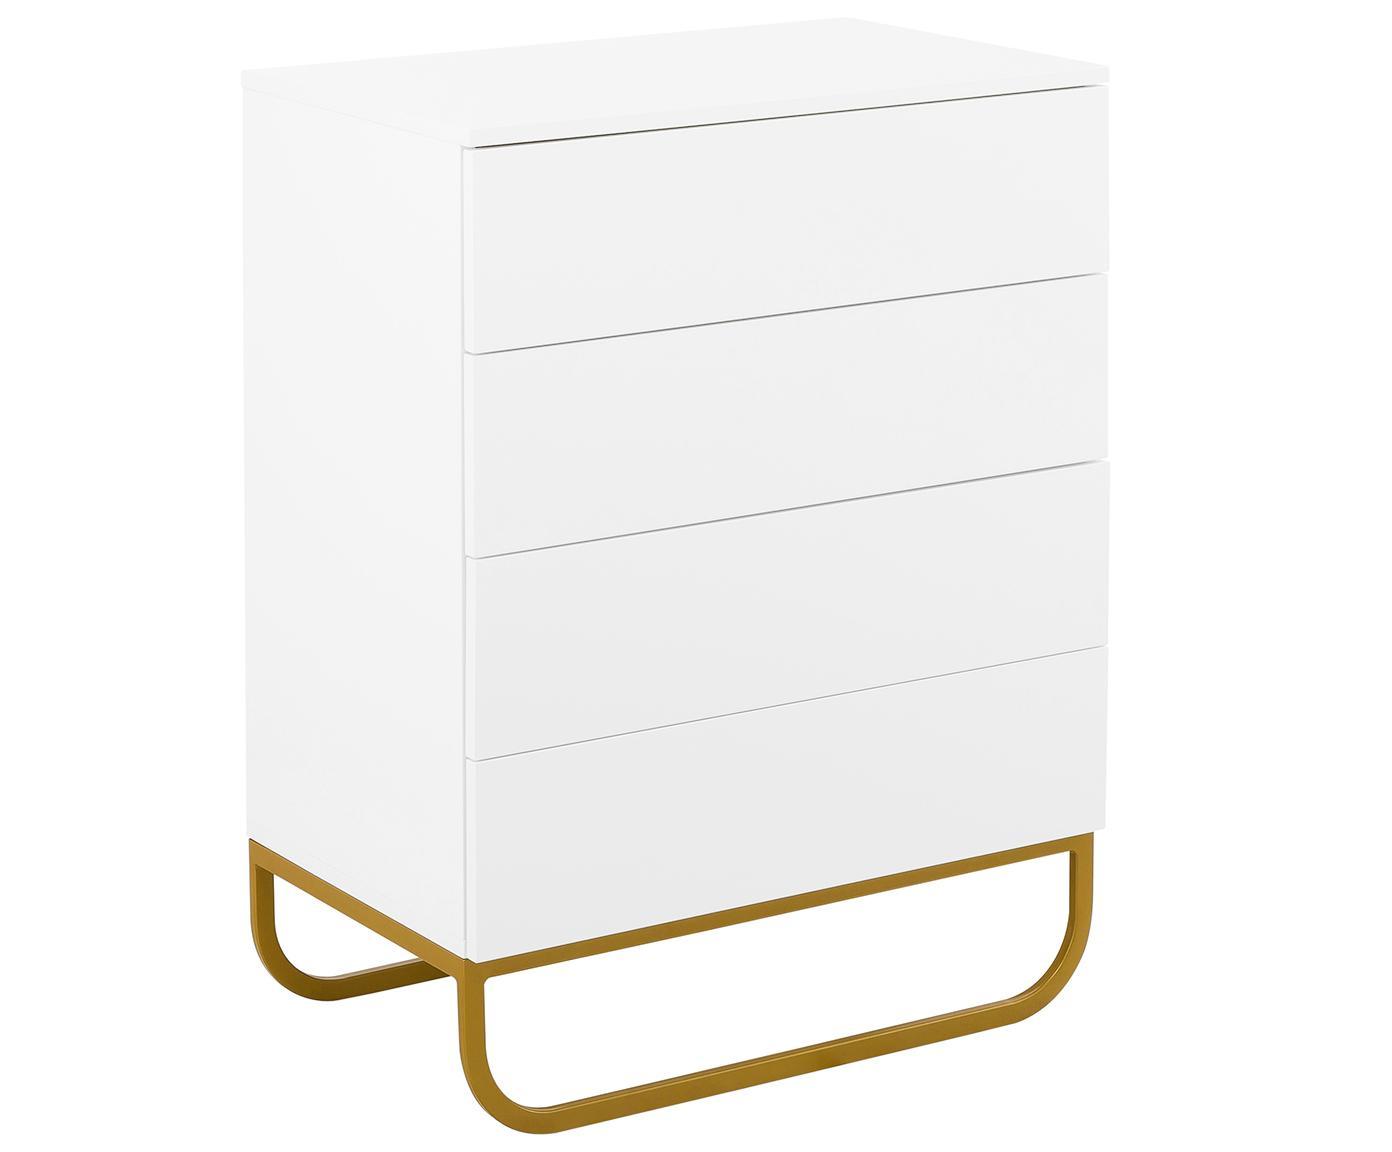 Schubladenkommode Sanford in Weiß, Korpus: Mitteldichte Holzfaserpla, Fußgestell: Metall, pulverbeschichtet, Korpus: Weiß, mattFußgestell: Goldfarben, matt, 80 x 106 cm